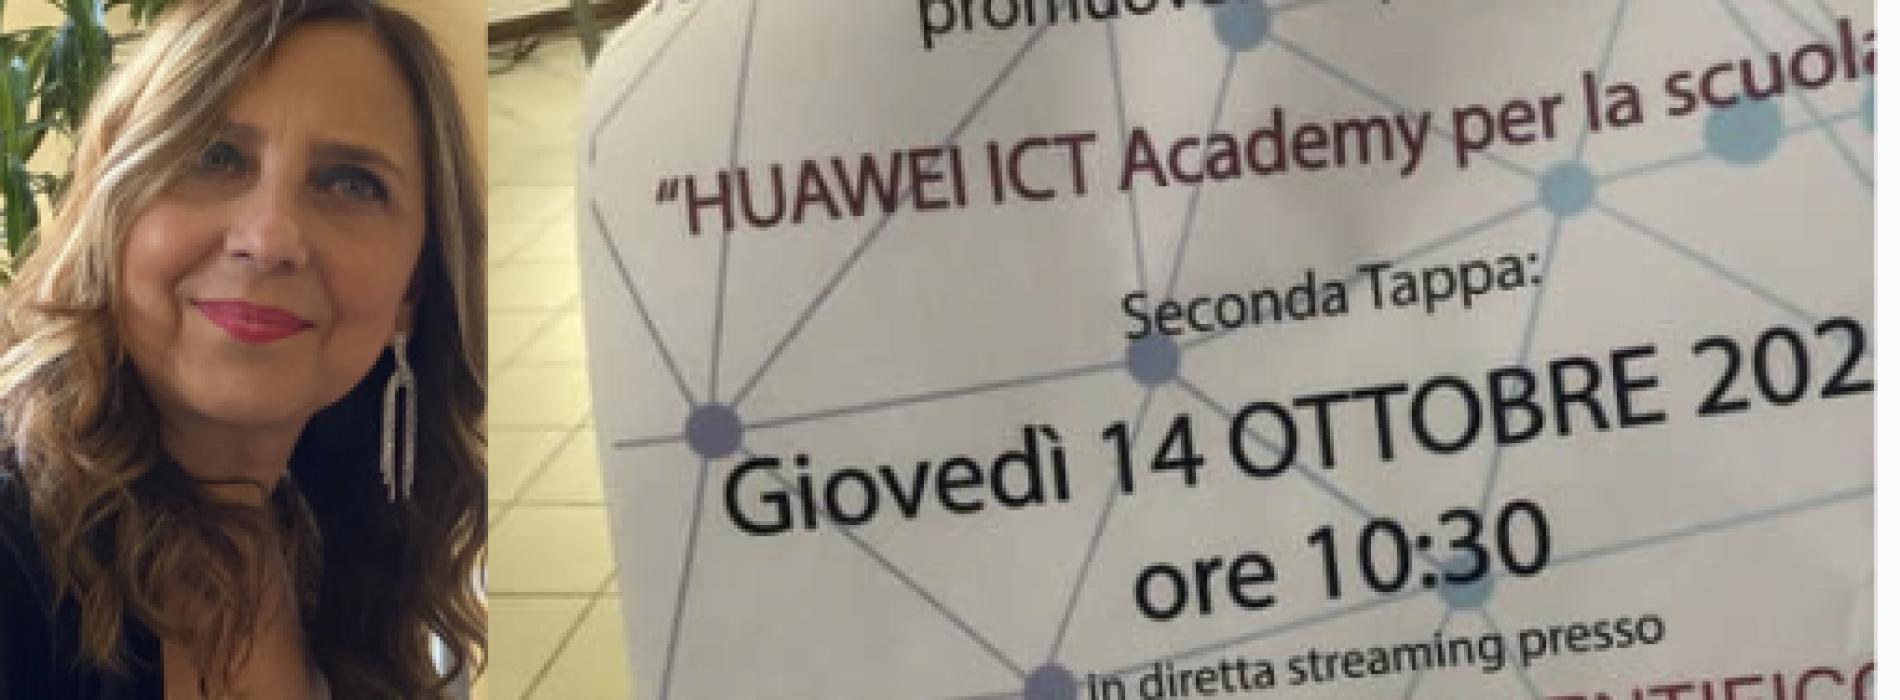 Huawei Academy per la scuola, seconda tappa all'Itis Giordani